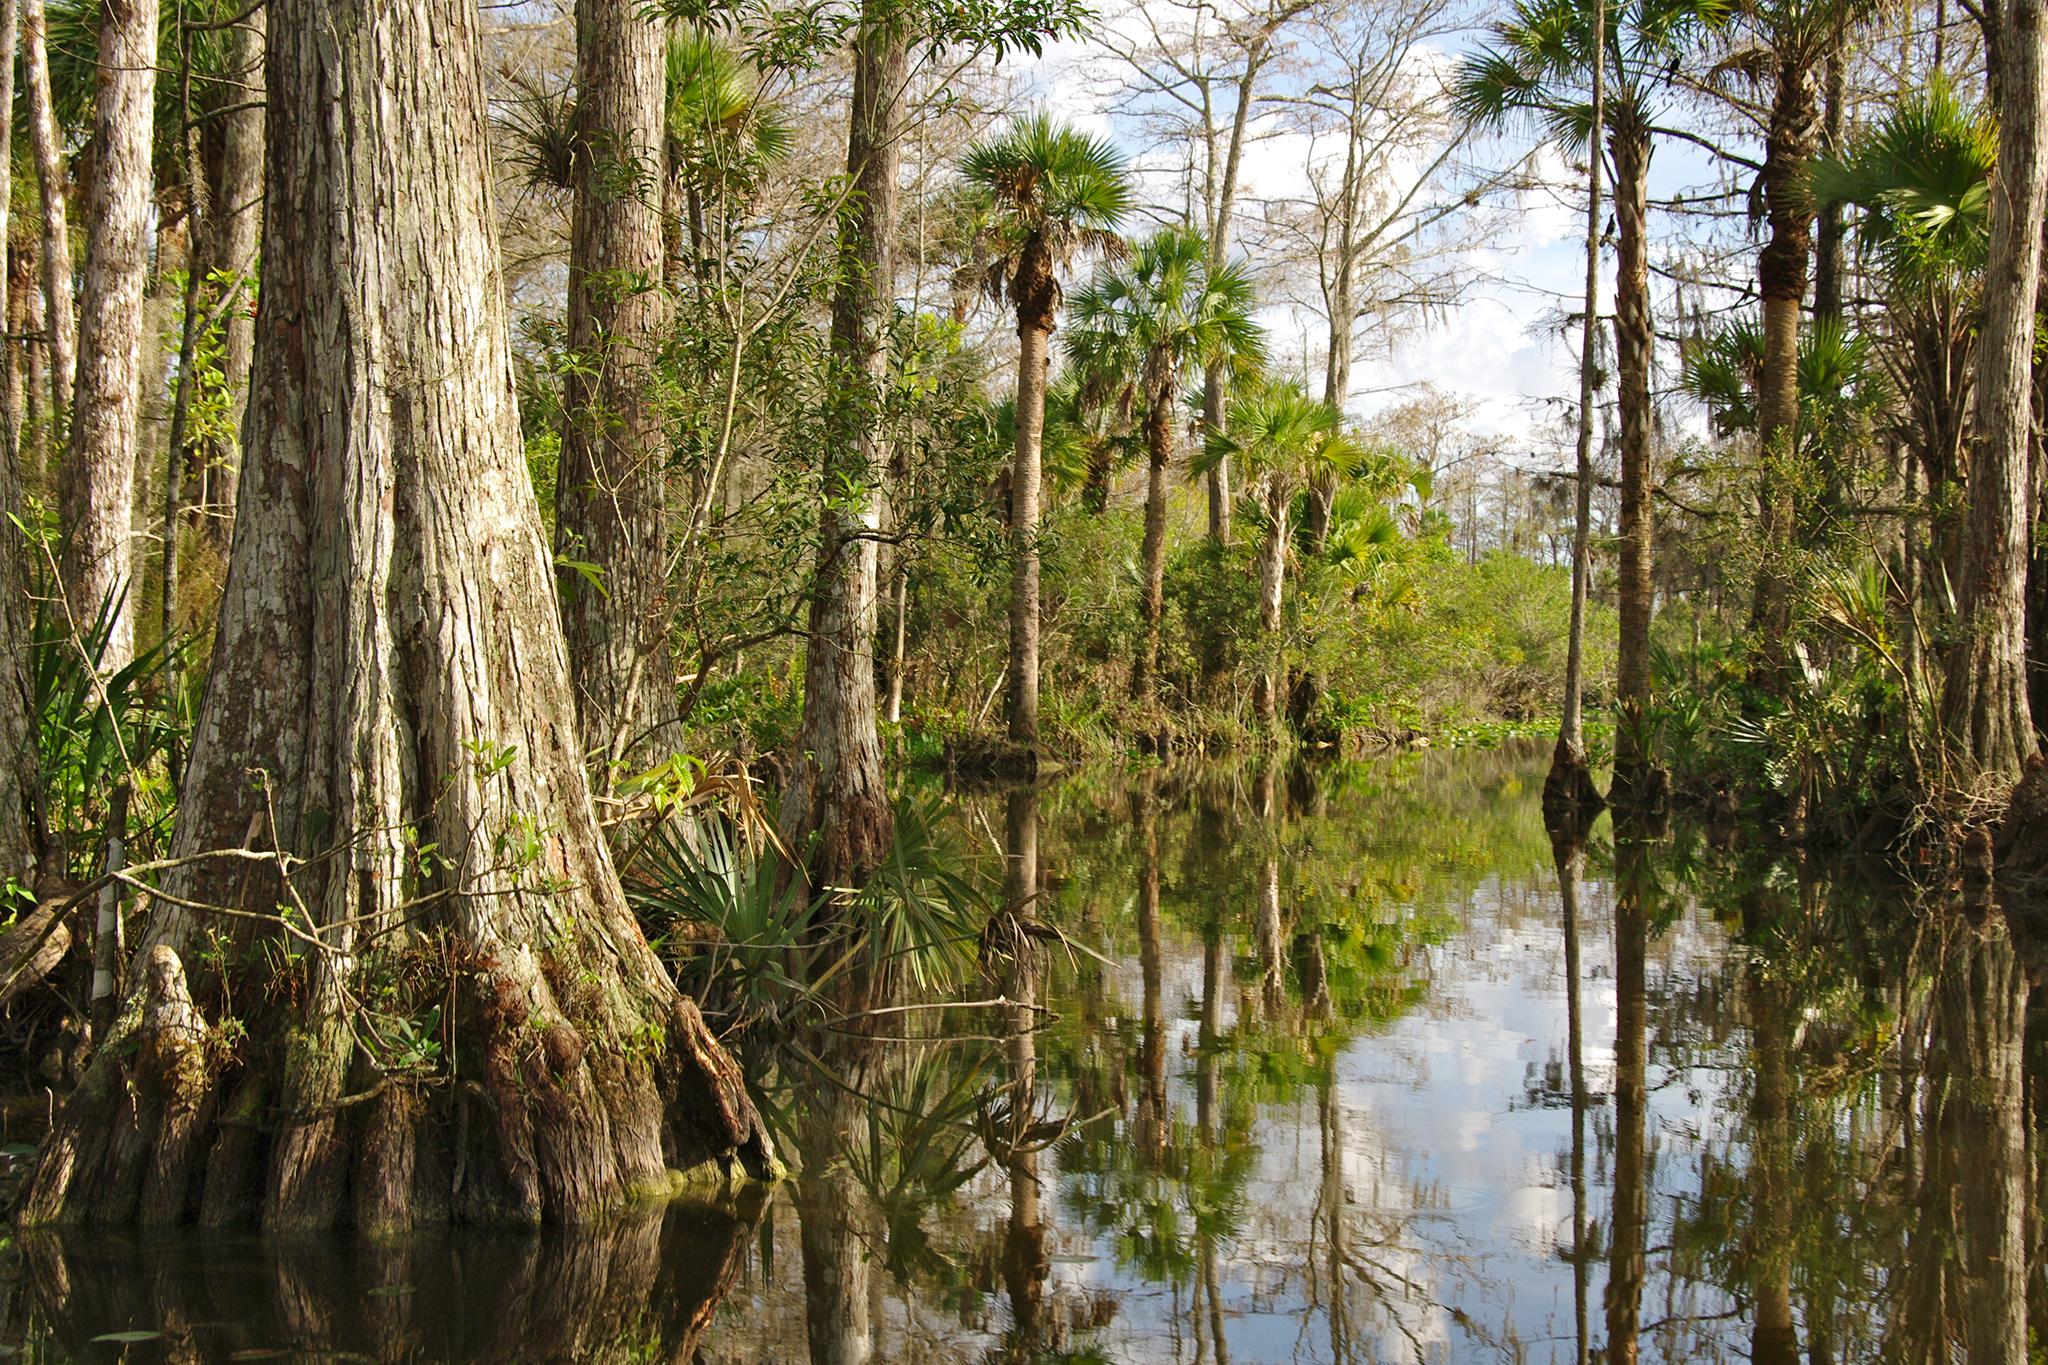 Florida Everglades kayak and hiking tour